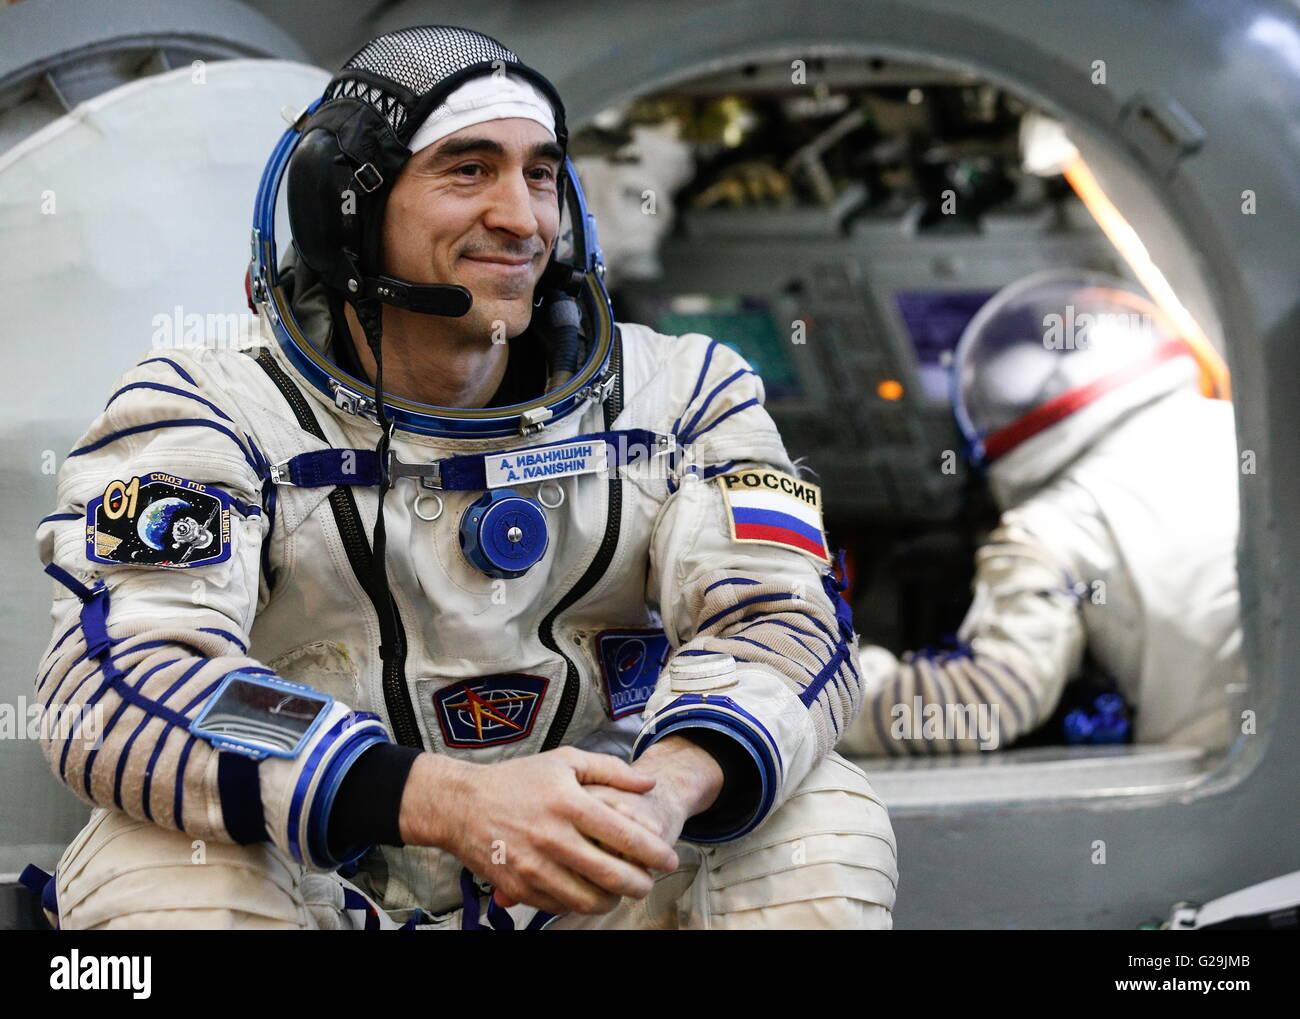 Moscou, Russie. 27 mai, 2016. Membre de l'équipage Expedition 48/49 principaux, cosmonaute russe Anatoly Ivanishin Banque D'Images